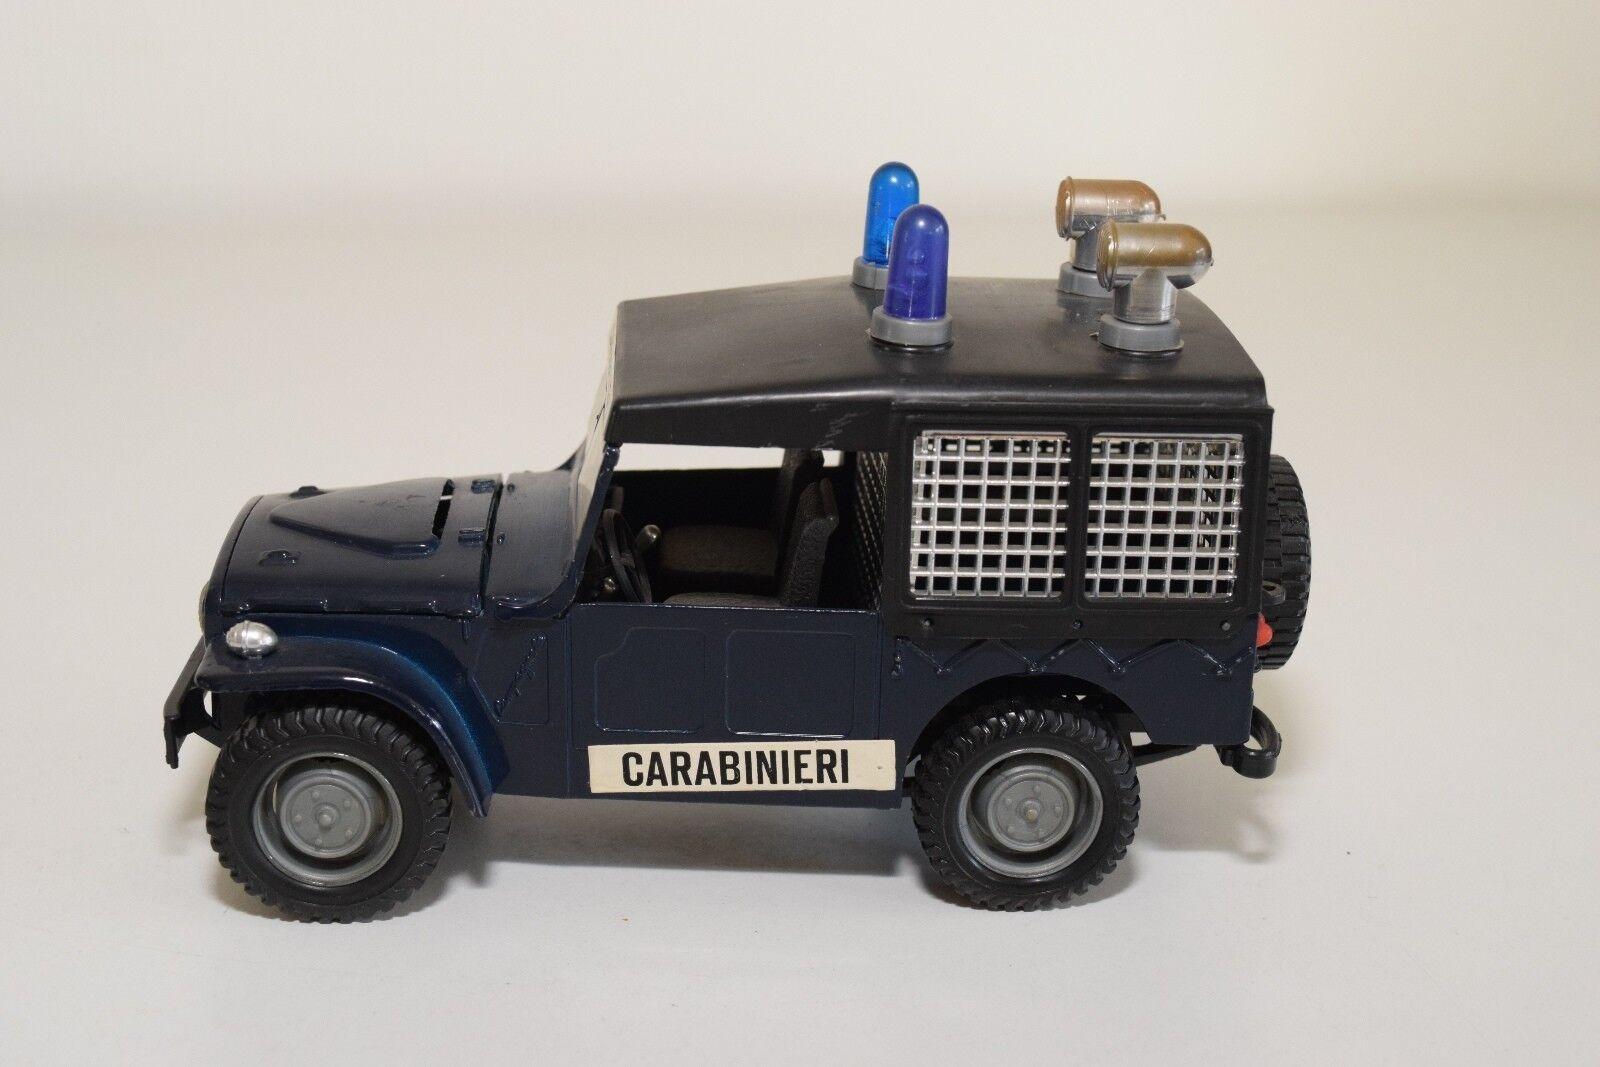 E E E BARLUX 73050 FIAT CAMPAGNOLA CARABINIERI POLICE NEAR MINT CONDITION 375c41